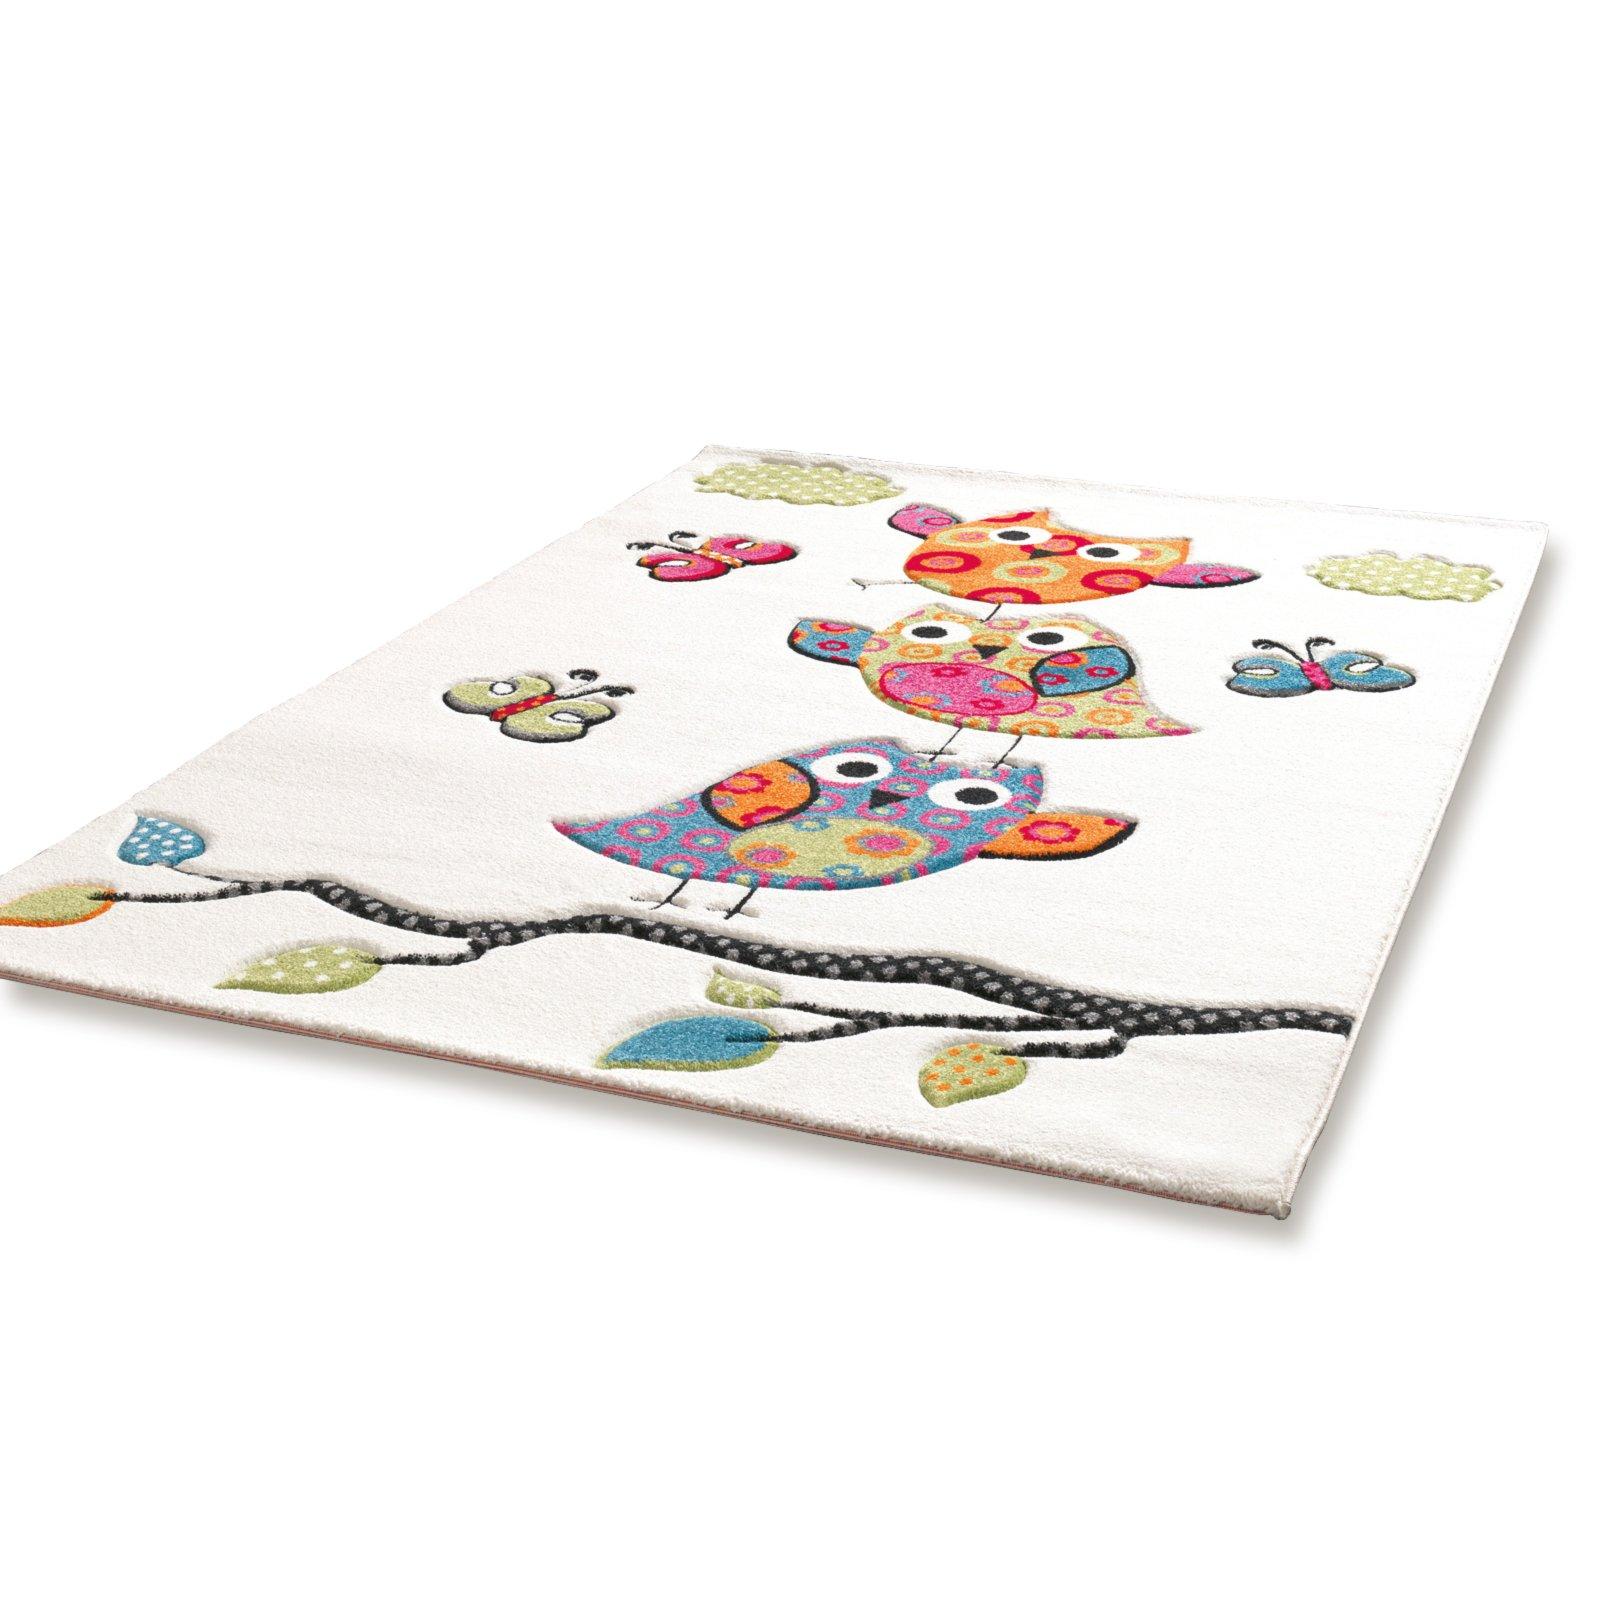 Teppich DIAMOND - cream - 120x170 cm | Kinder- & Spielteppiche ...